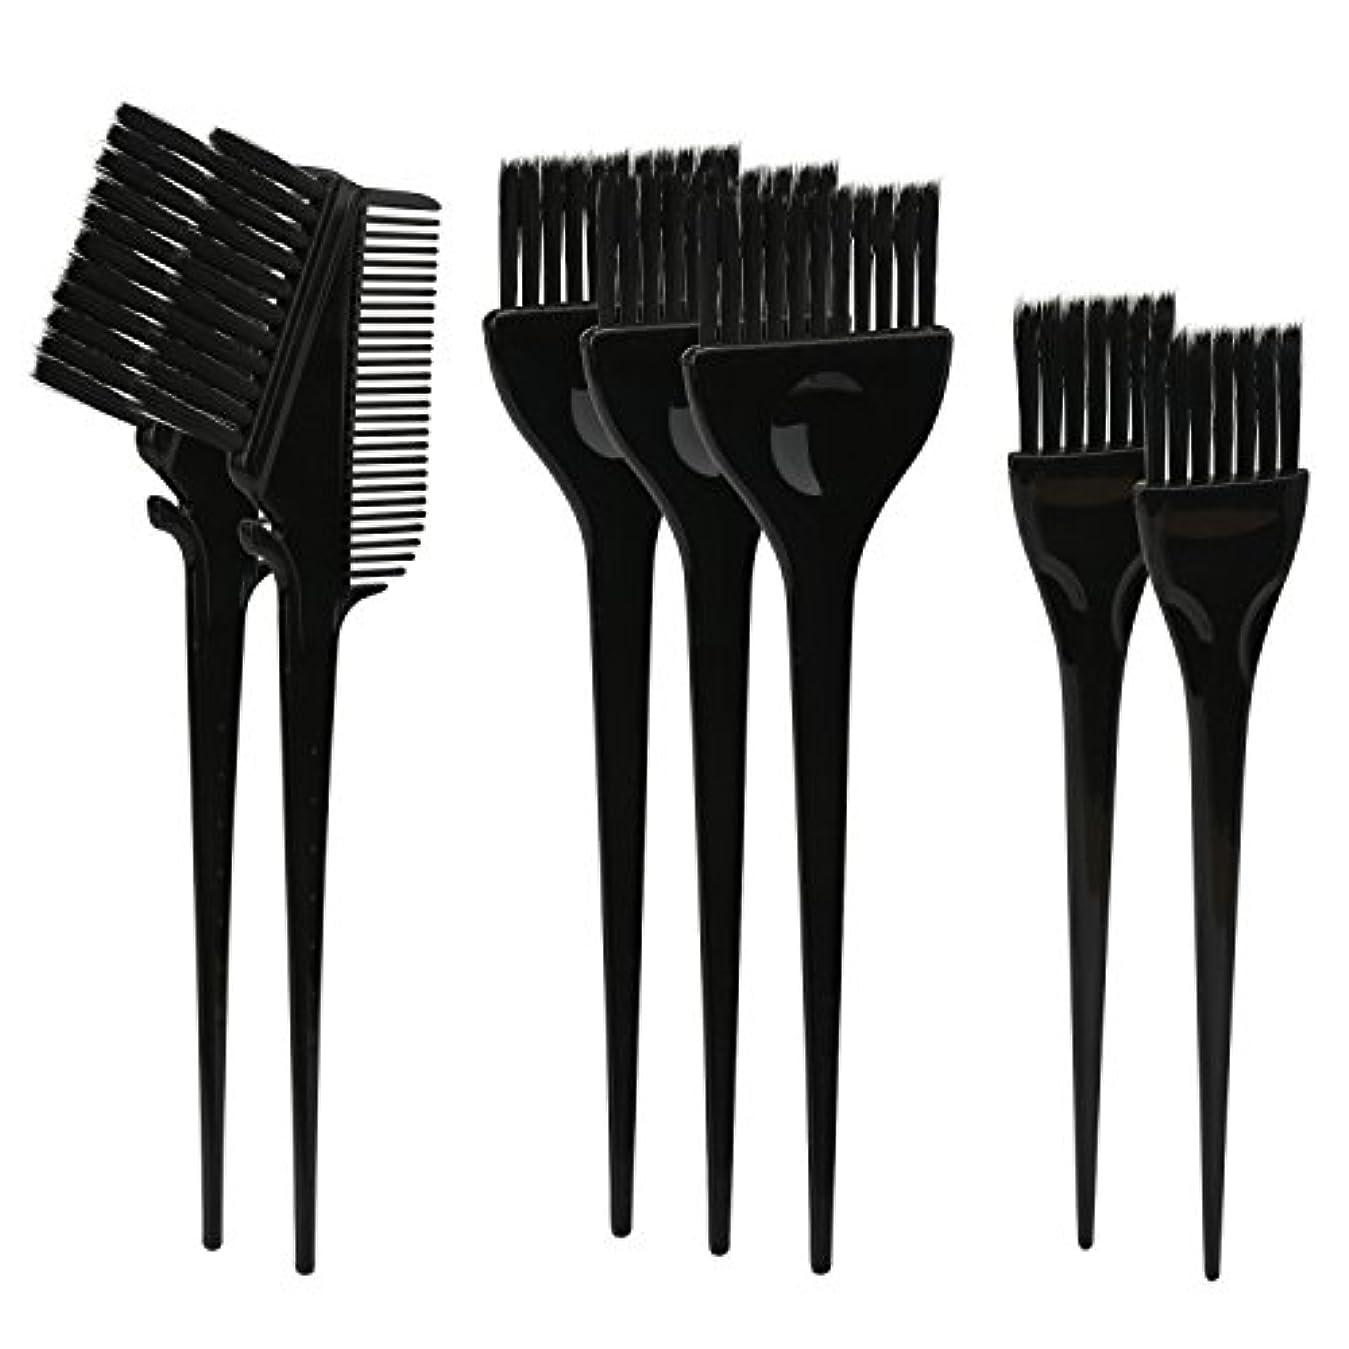 手紙を書く精神医学ぜいたくSegbeauty ヘアカラー DIY プロ髪染め用のブラシ 7pcs 美髪師用 サロン工具セット